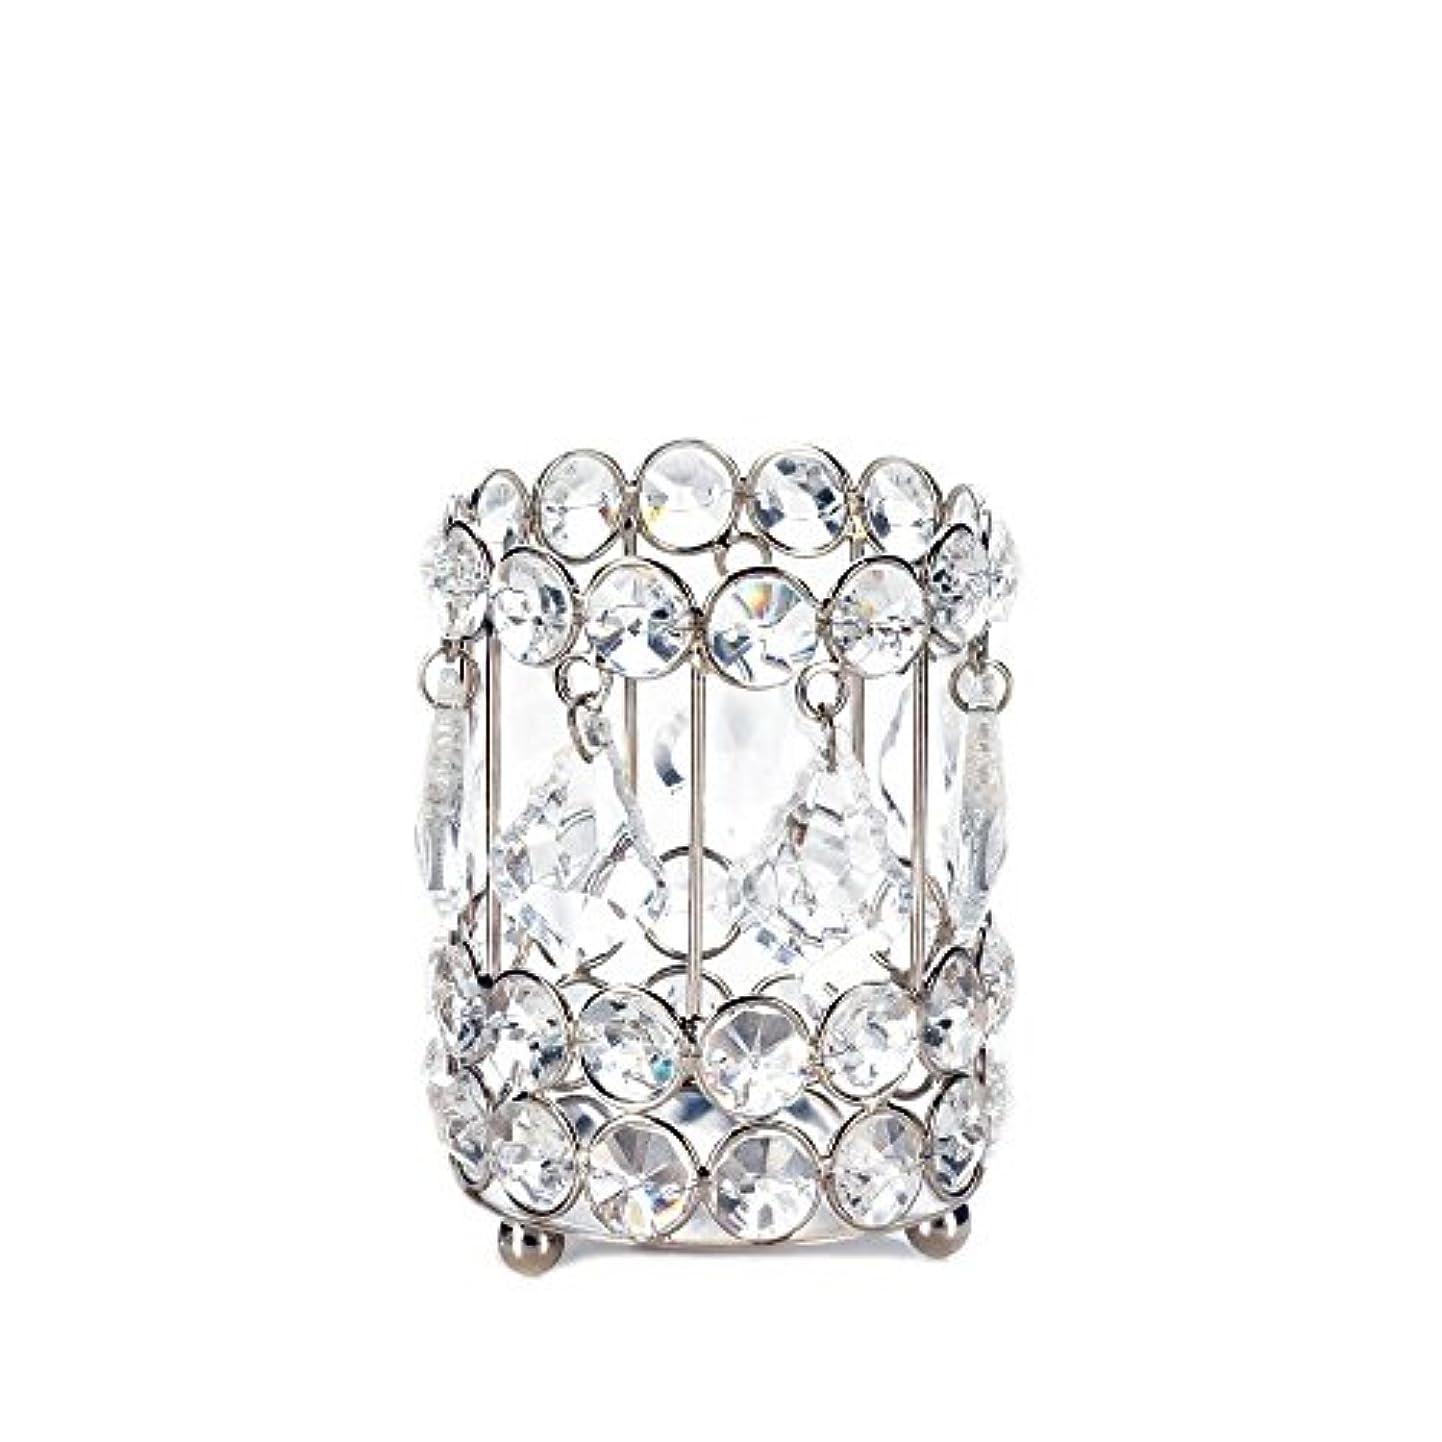 ラベンダー助言シャーロットブロンテGallery of Light 10018136 Super Bling Crystal Drops Candle Holder - 4 in.